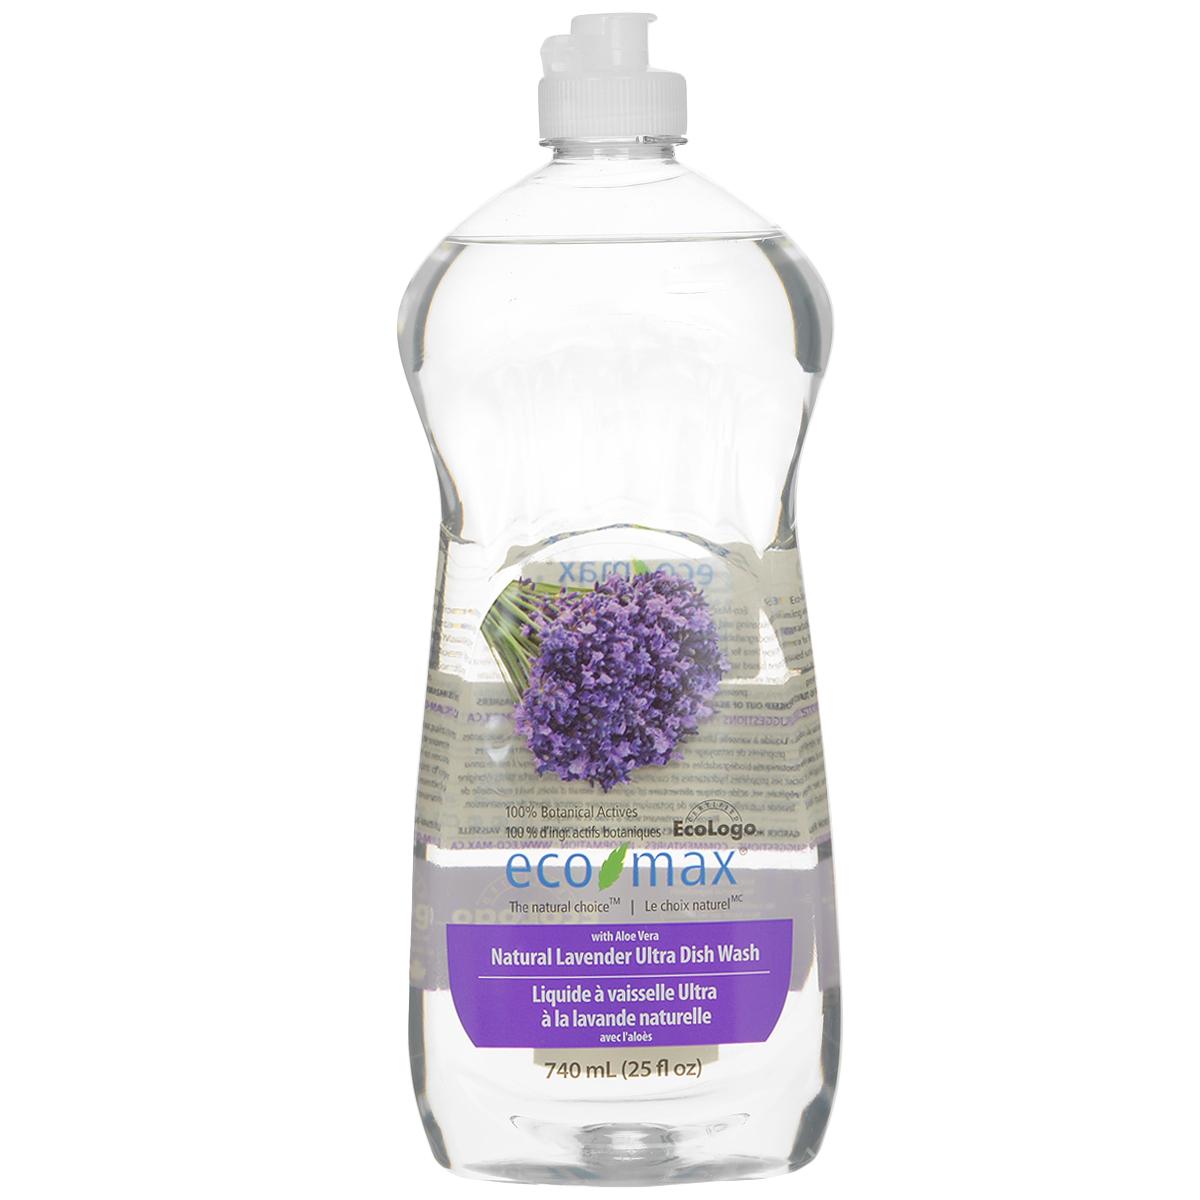 Средство для мытья посуды Eco Max Лаванда, 740 млEmax-C107Средство для мытья посуды Eco Max - натуральное средство на 100% растительной основе, полностью биоразлагаемое. В этом средстве используются активные чистящие вещества ингредиентов, полученных из биоразлагаемых и возобновляемых растительных источников. Содержит алоэ вера, обладающее увлажняющими и заживляющими свойствами. Натуральное лавандовое масло придает посуде свежий аромат. Состав: вода, ПАВ растительного происхождения, растительный экстракт алоэ вера, соль, пищевой сорбат калия в качестве консерванта, пищевая лимонная кислота (из плодов лимона), натуральное эфирное масло лаванды. Товар сертифицирован.